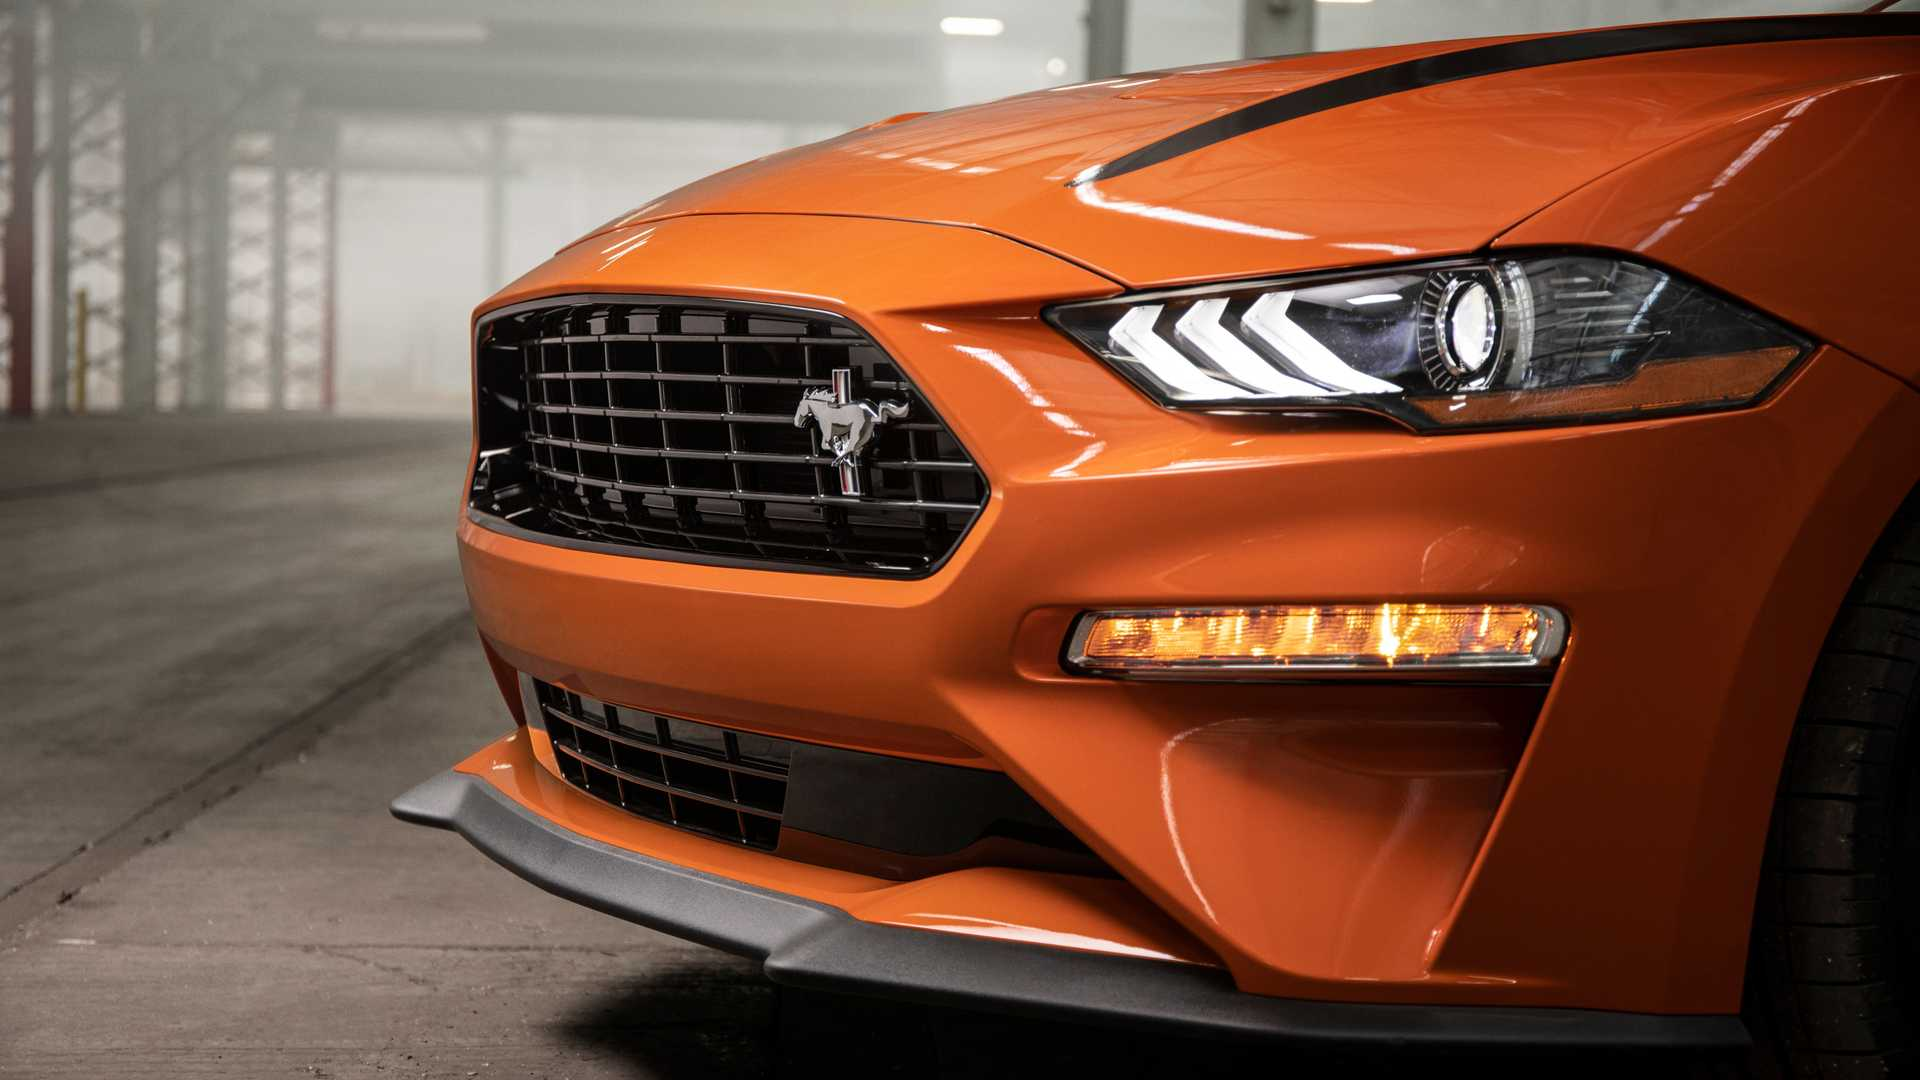 2020-ford-mustang-high-perf-package-5.jpg